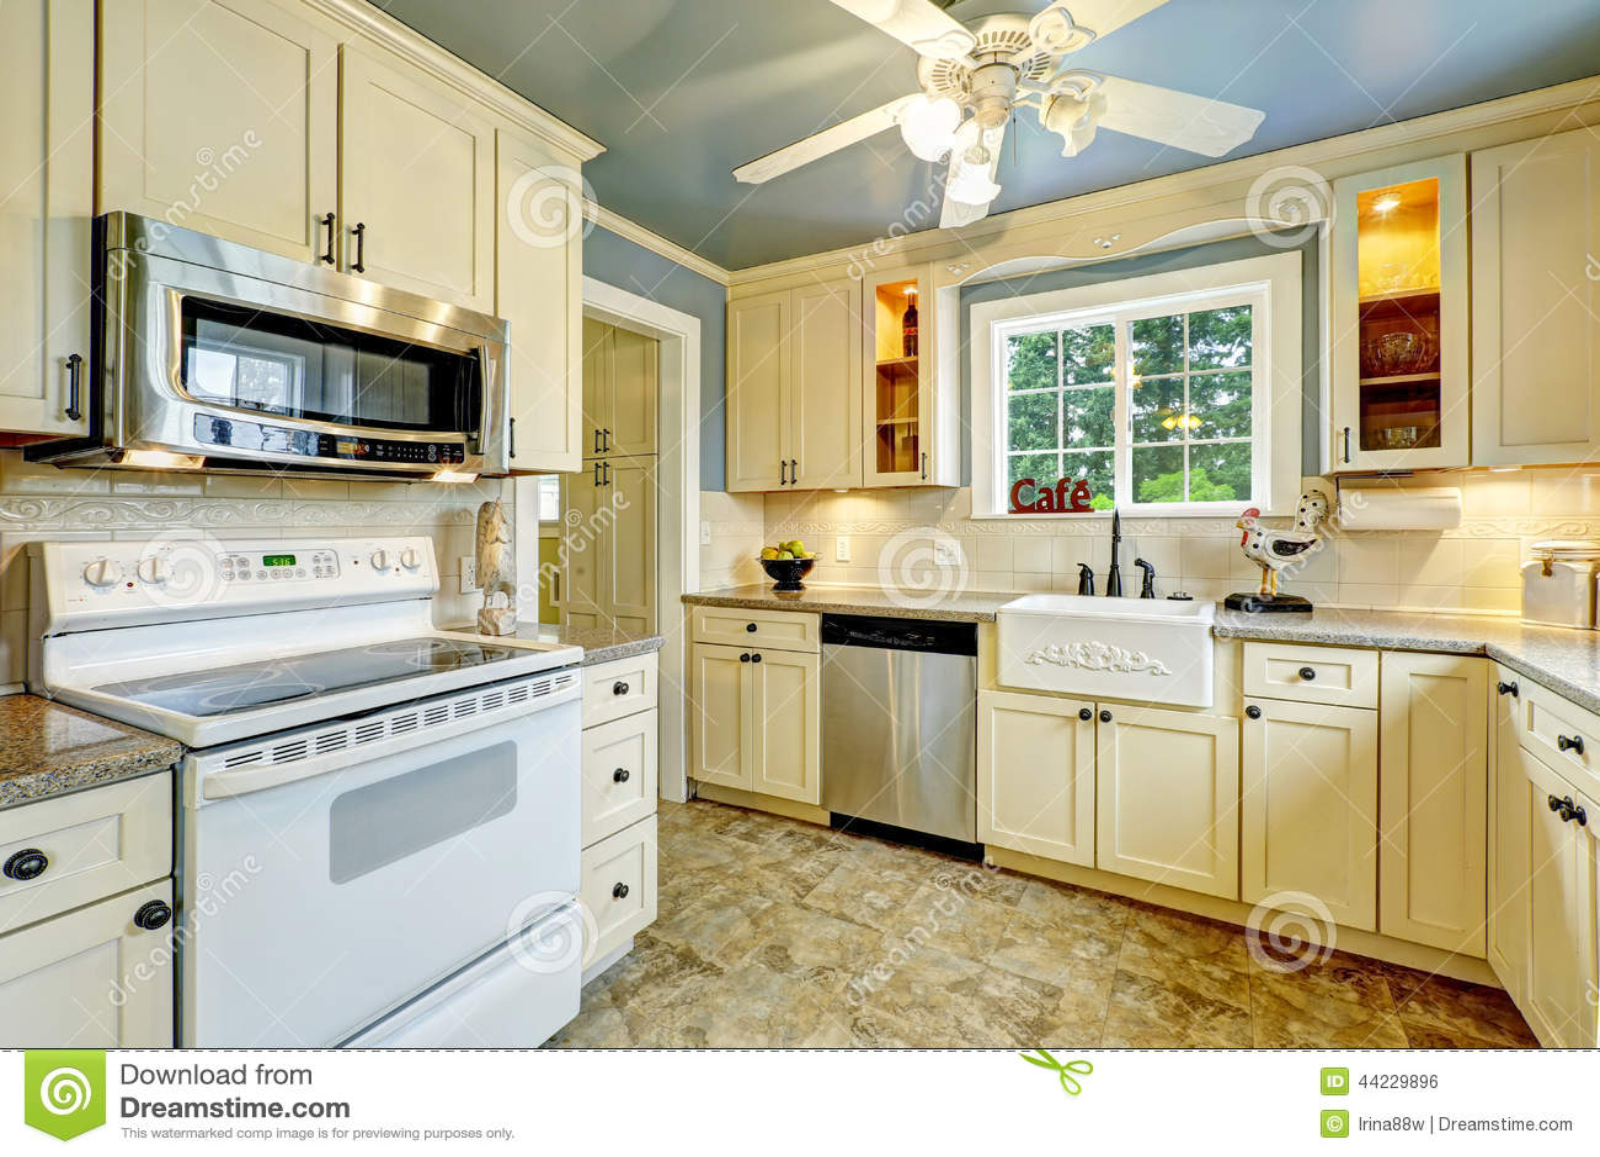 Int rieur de pi ce de cuisine dans la maison de campagne for Interieur maison de campagne